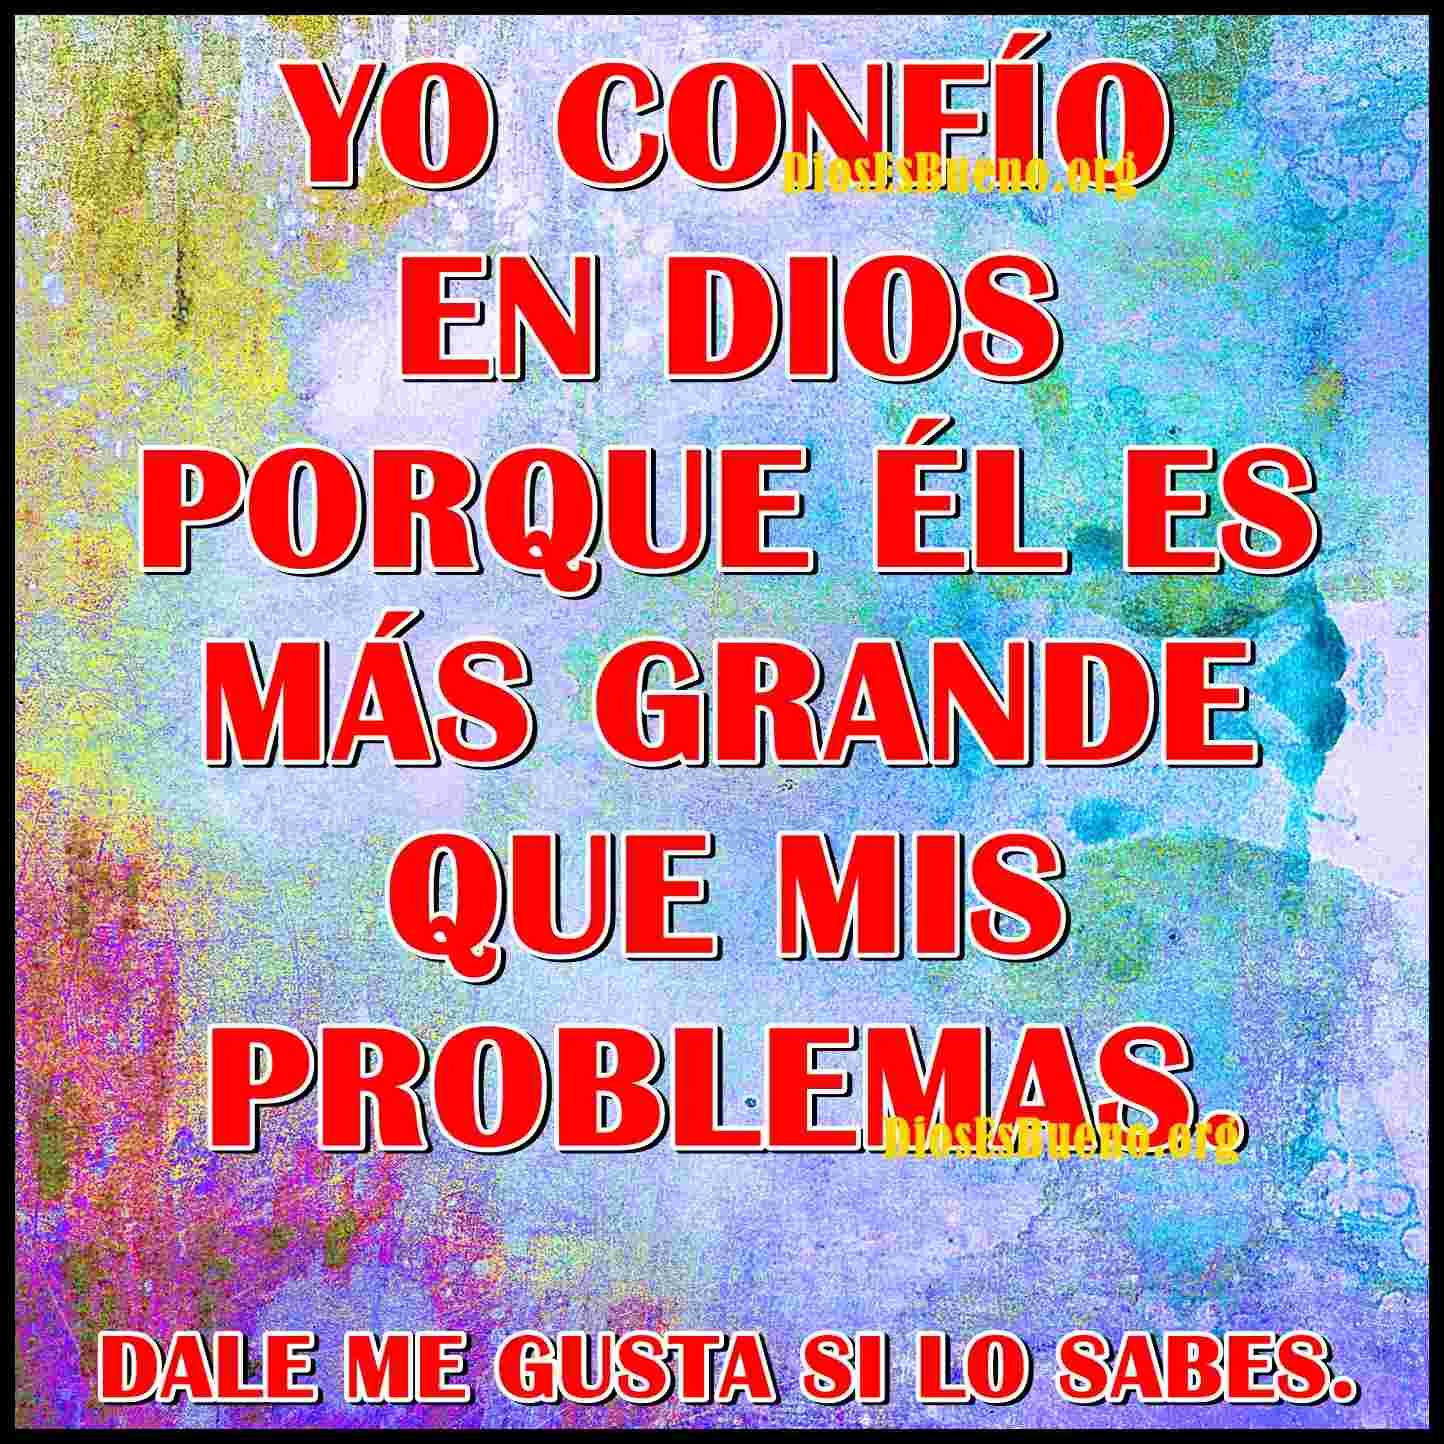 Yo Confio En Dios Porque Es Mas Grande Que Mis Problemas